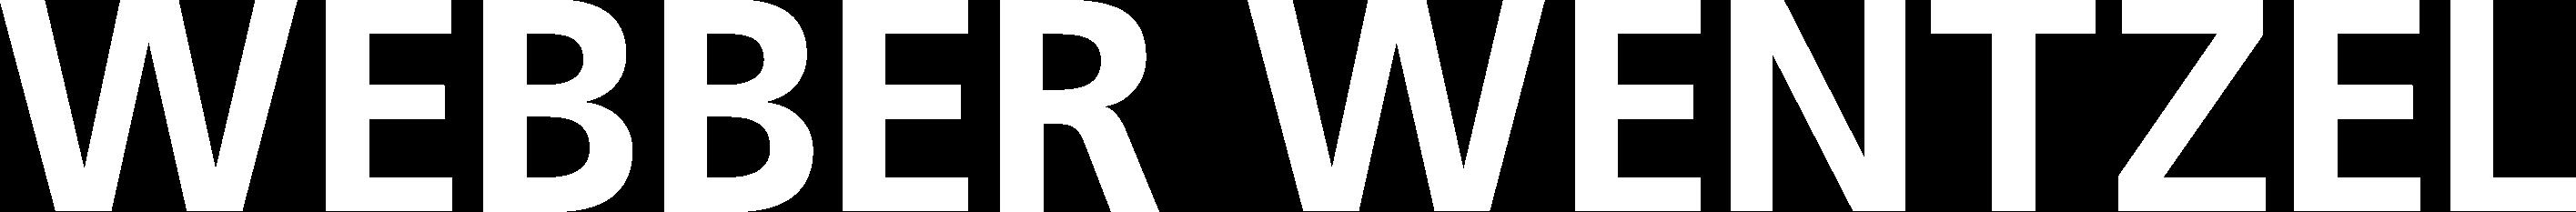 21 logo webberwentzel